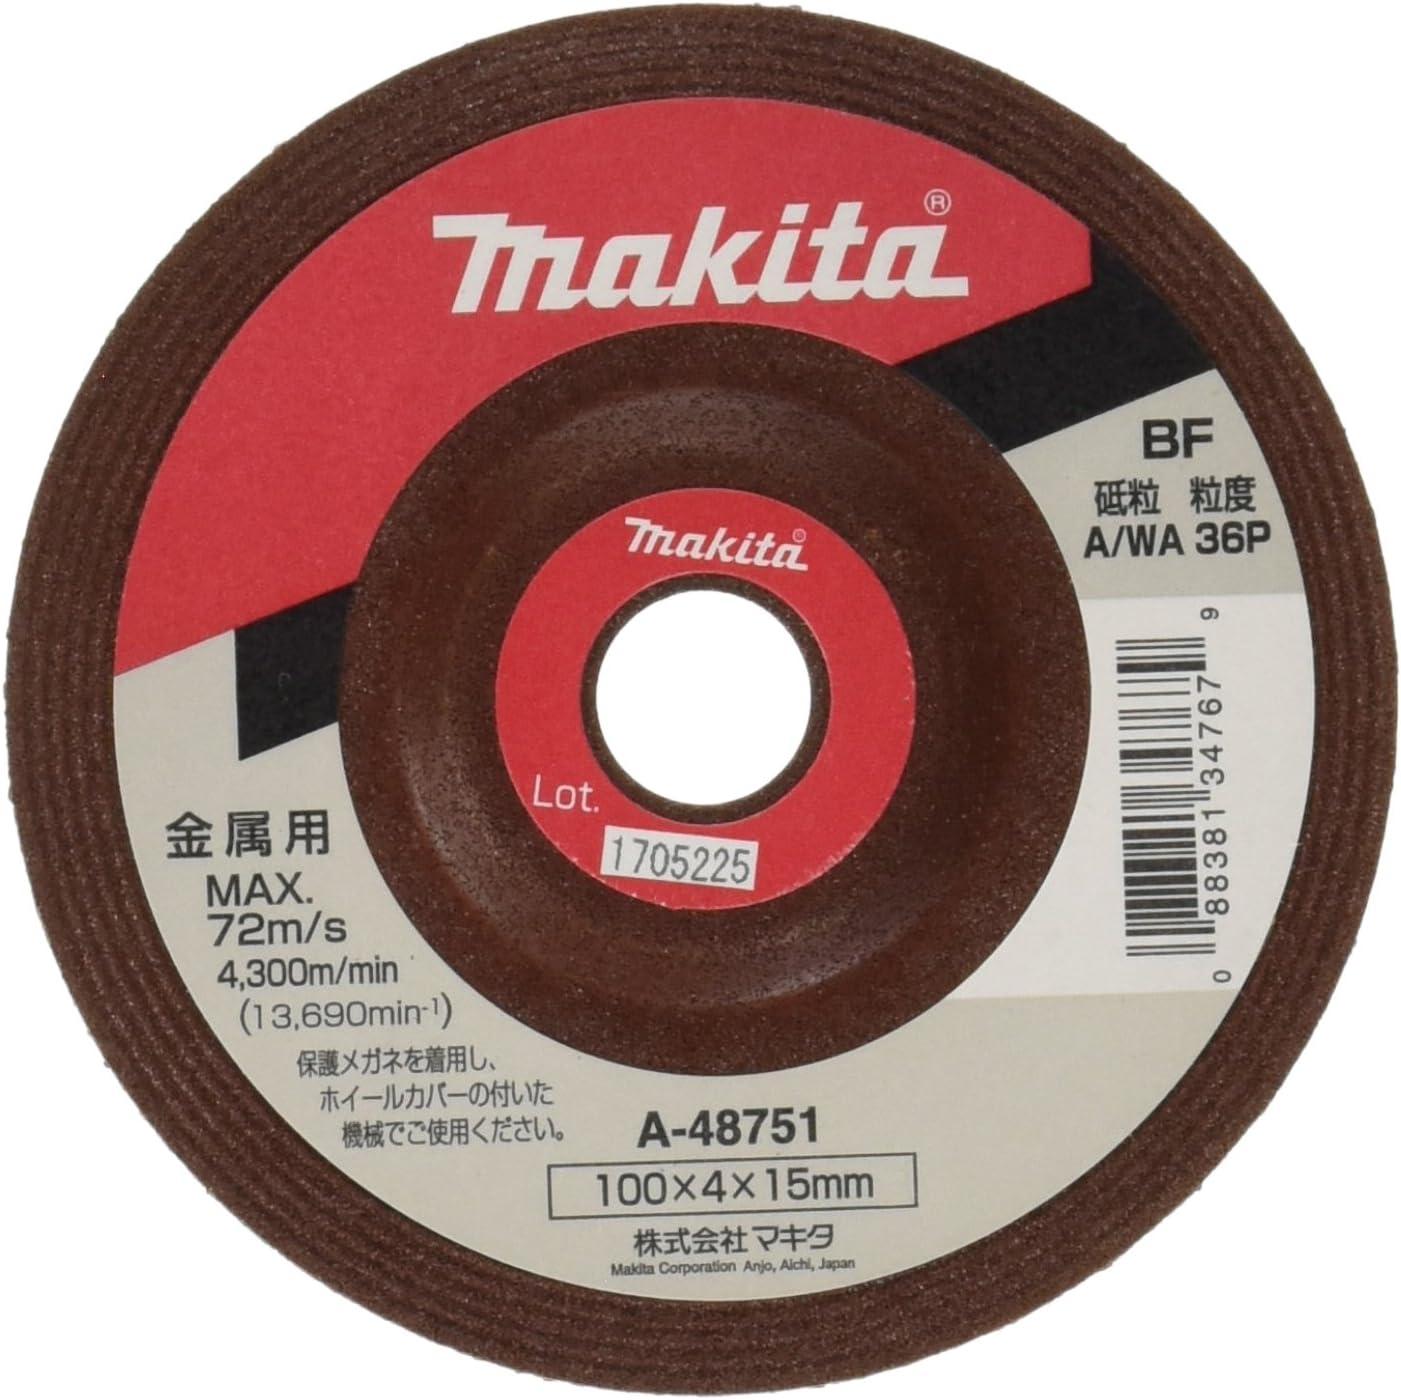 マキタ(Makita) 研削砥石(オフセット砥石) 直径100mm